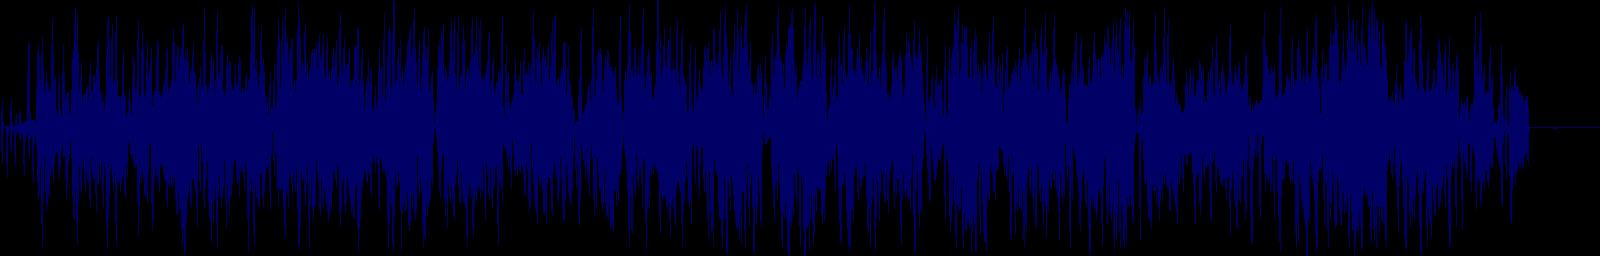 waveform of track #152168